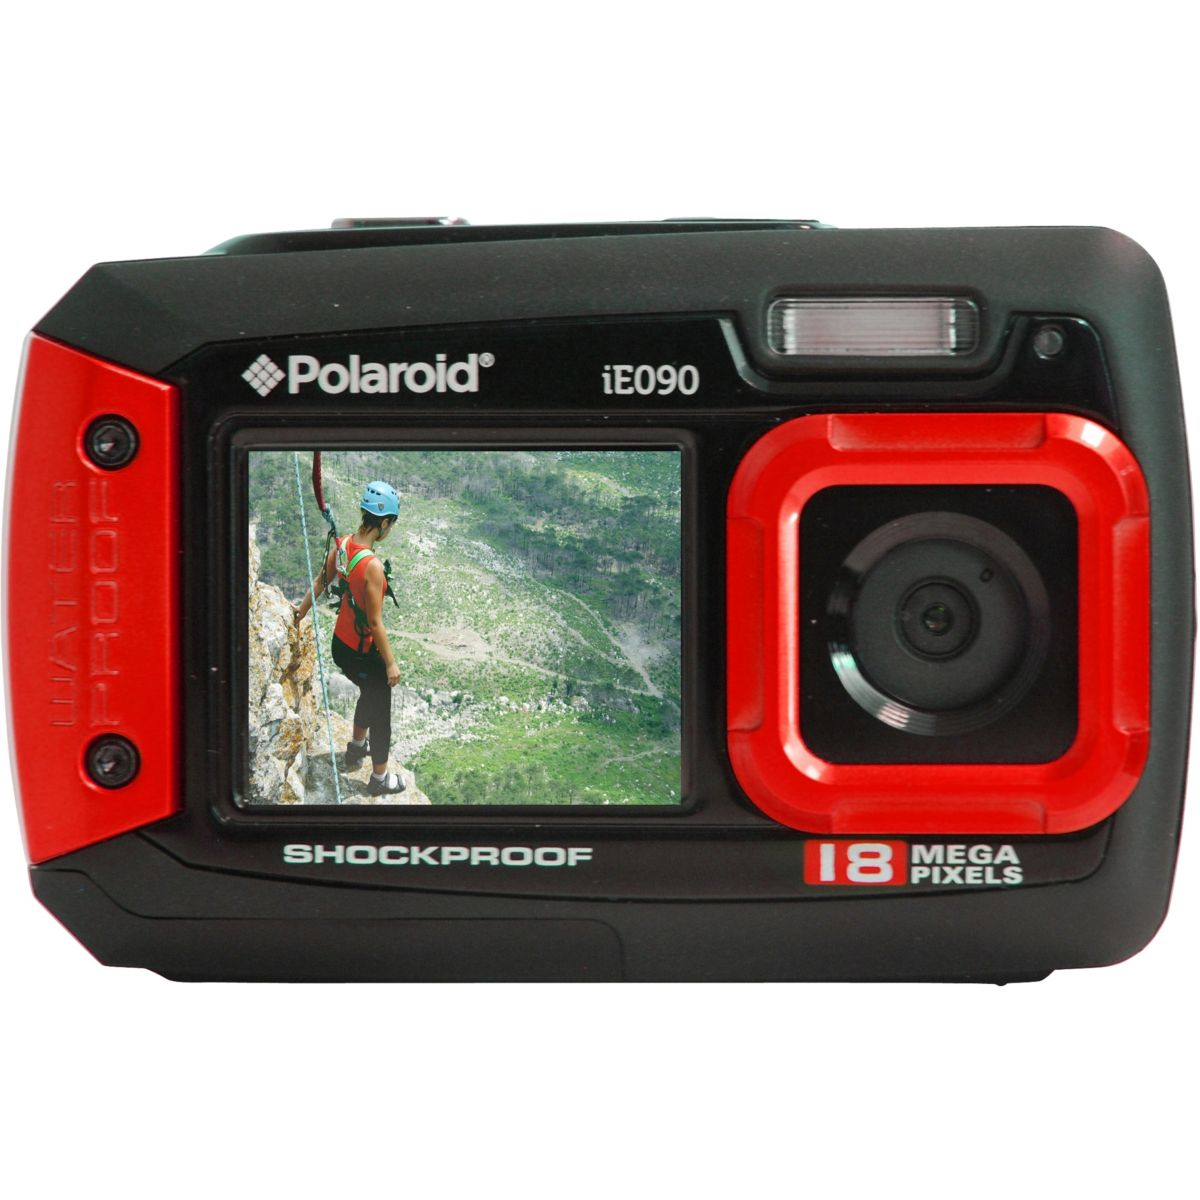 Appareil photo compact polaroid ie090 rouge - livraison offerte : code liv